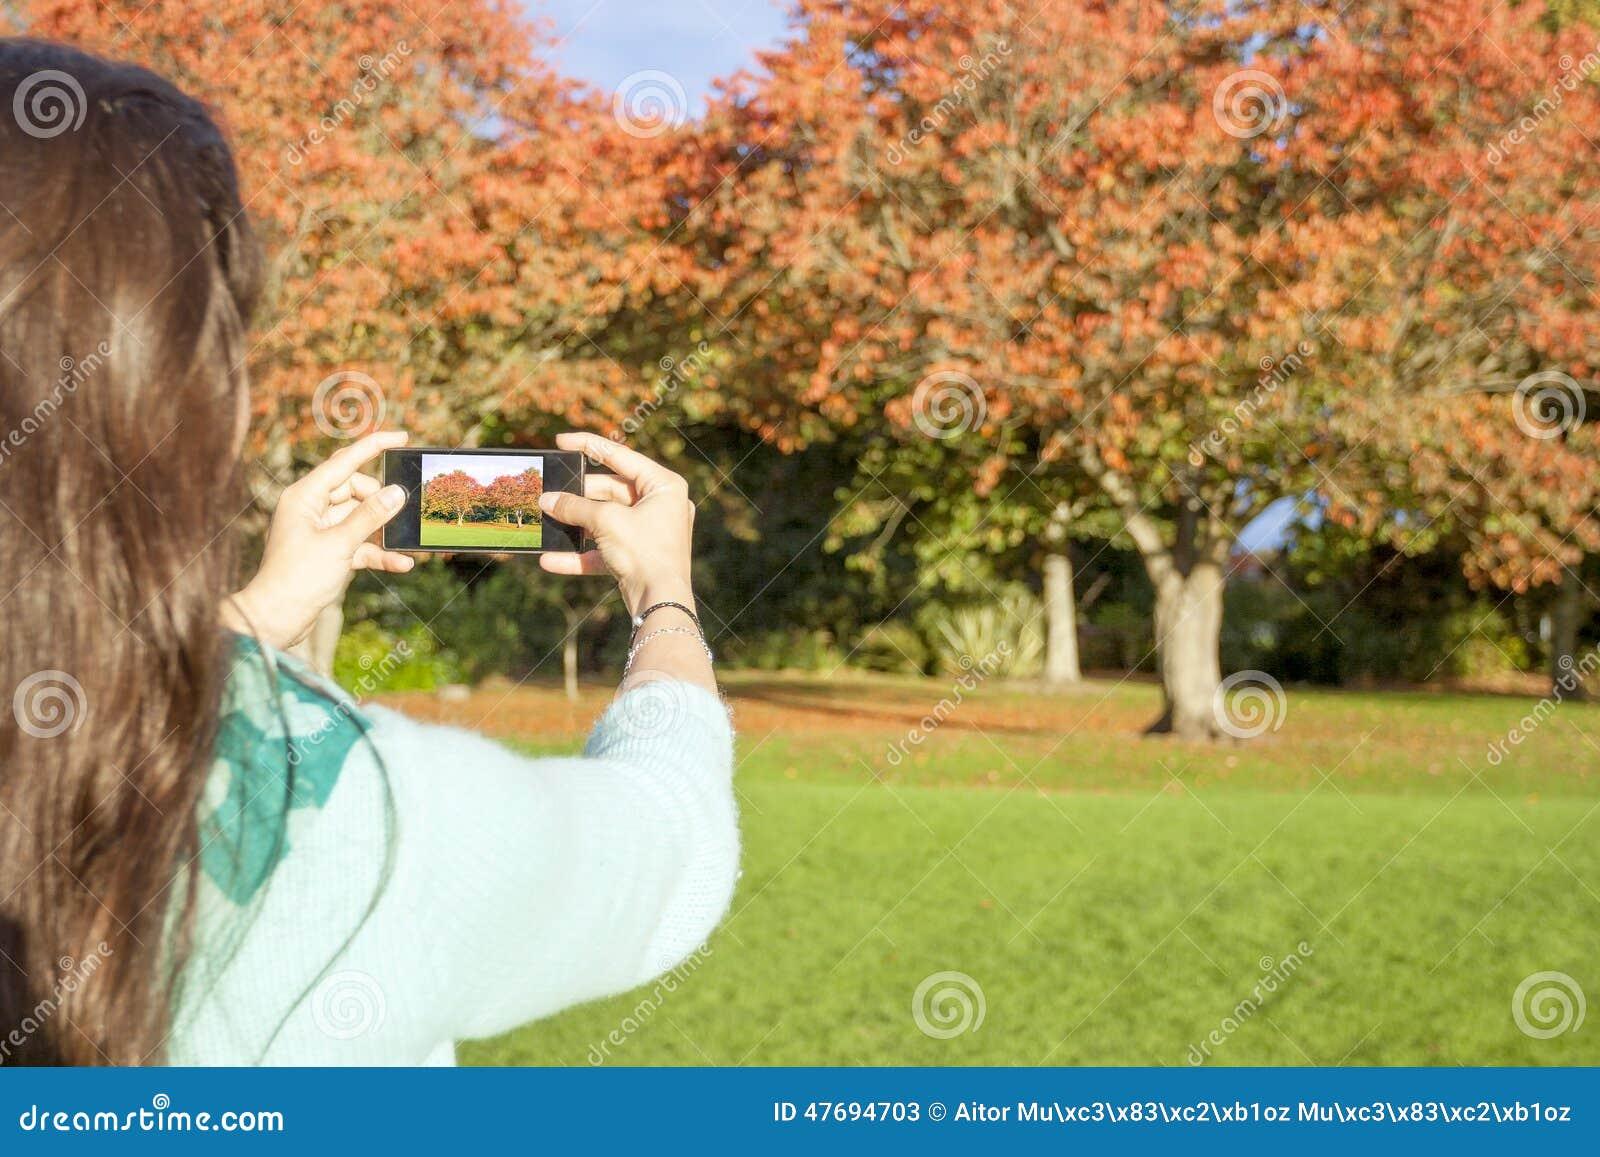 Wziąć zdjęcie kobiety